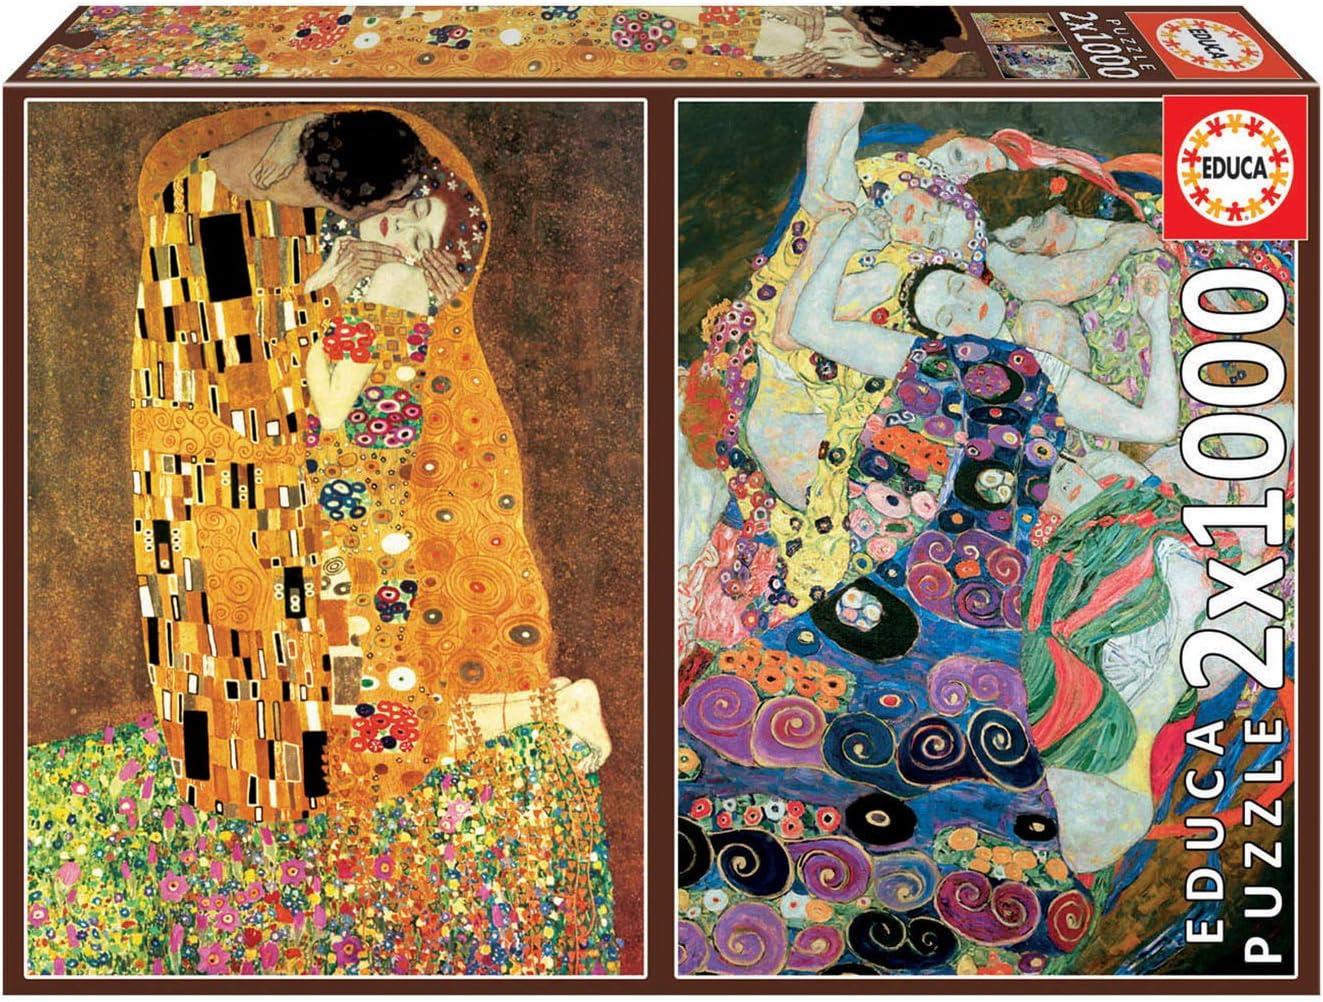 Educa Borras - Serie Art Collection, 2 puzzles de 1.000 piezas, El Beso y La Virgen de Gustav Klimt (18488): Amazon.es: Juguetes y juegos